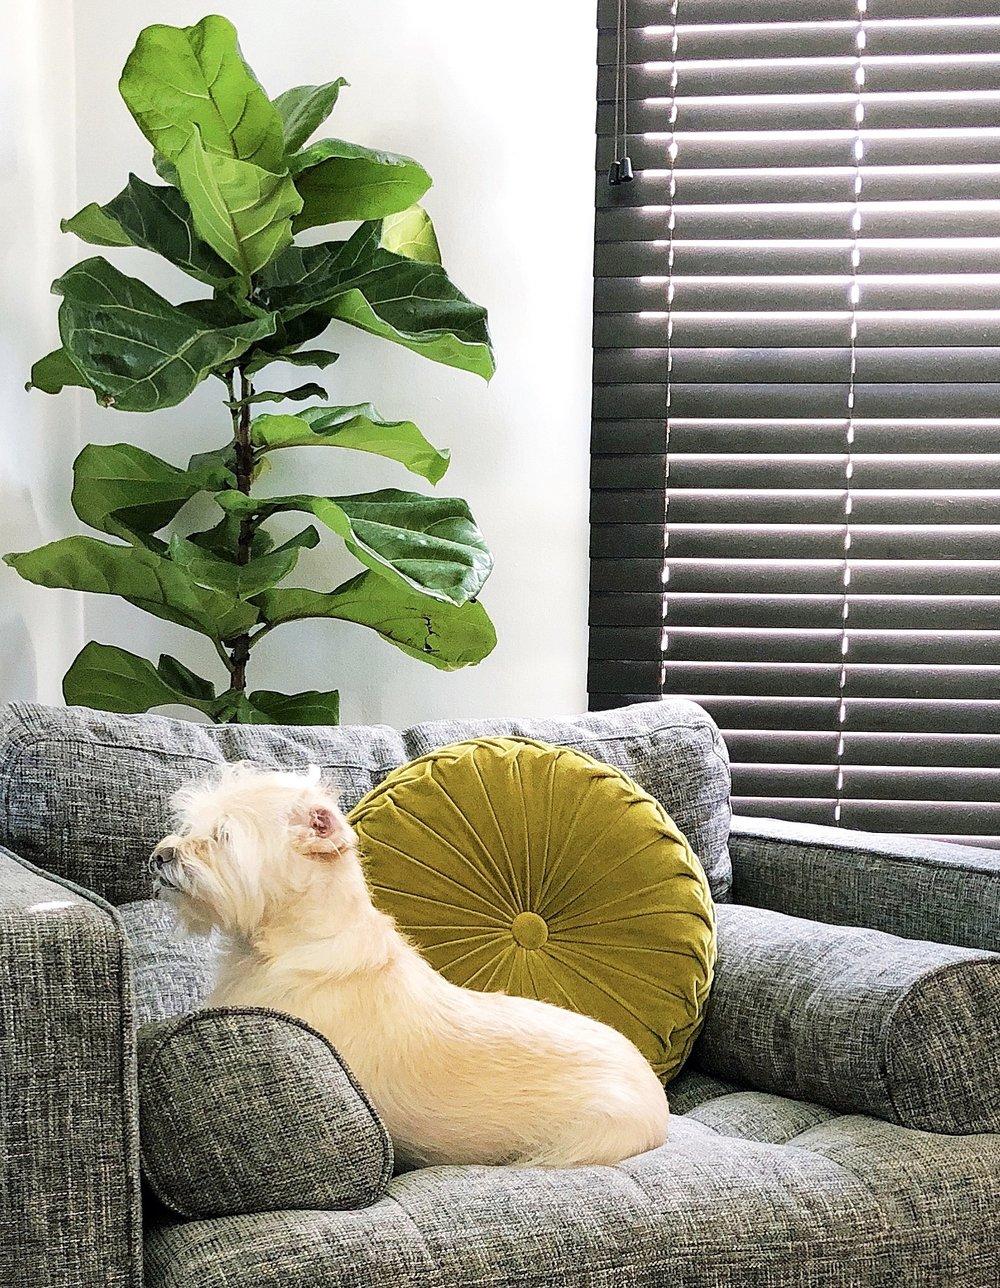 Fiddle Leaf Fig Plant Care Tips — Ashley Hosmer